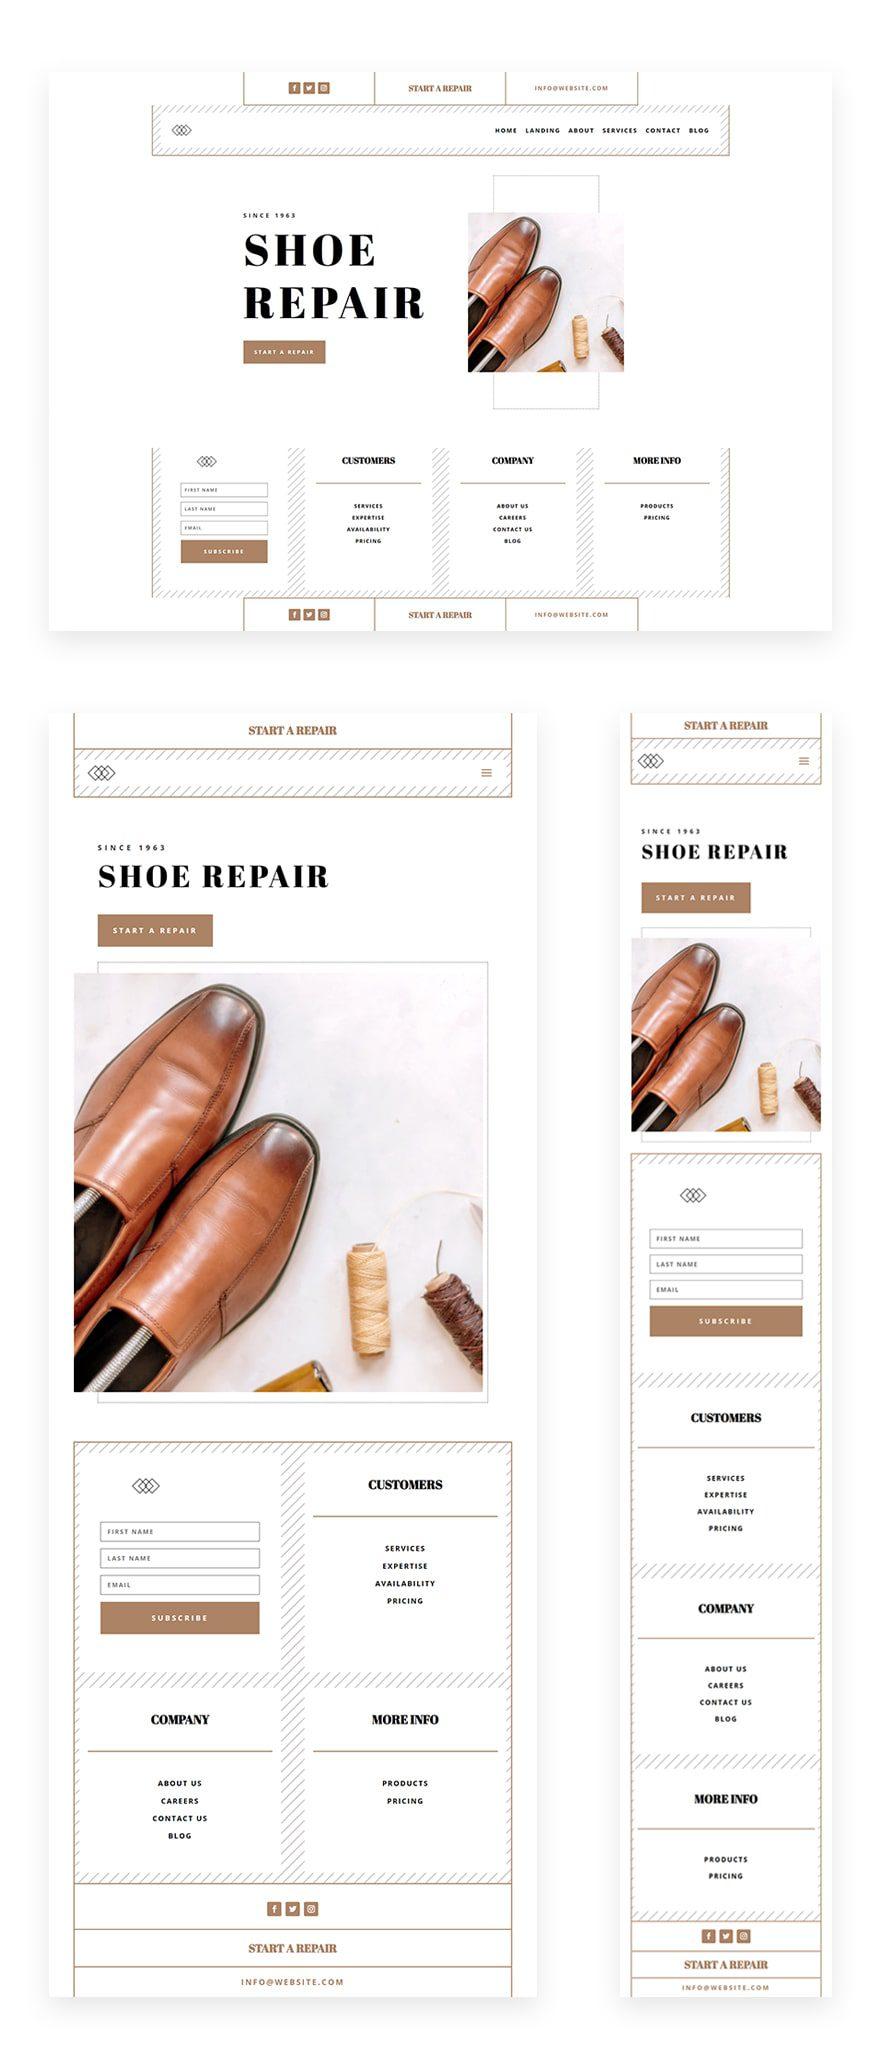 shoe repair header footer